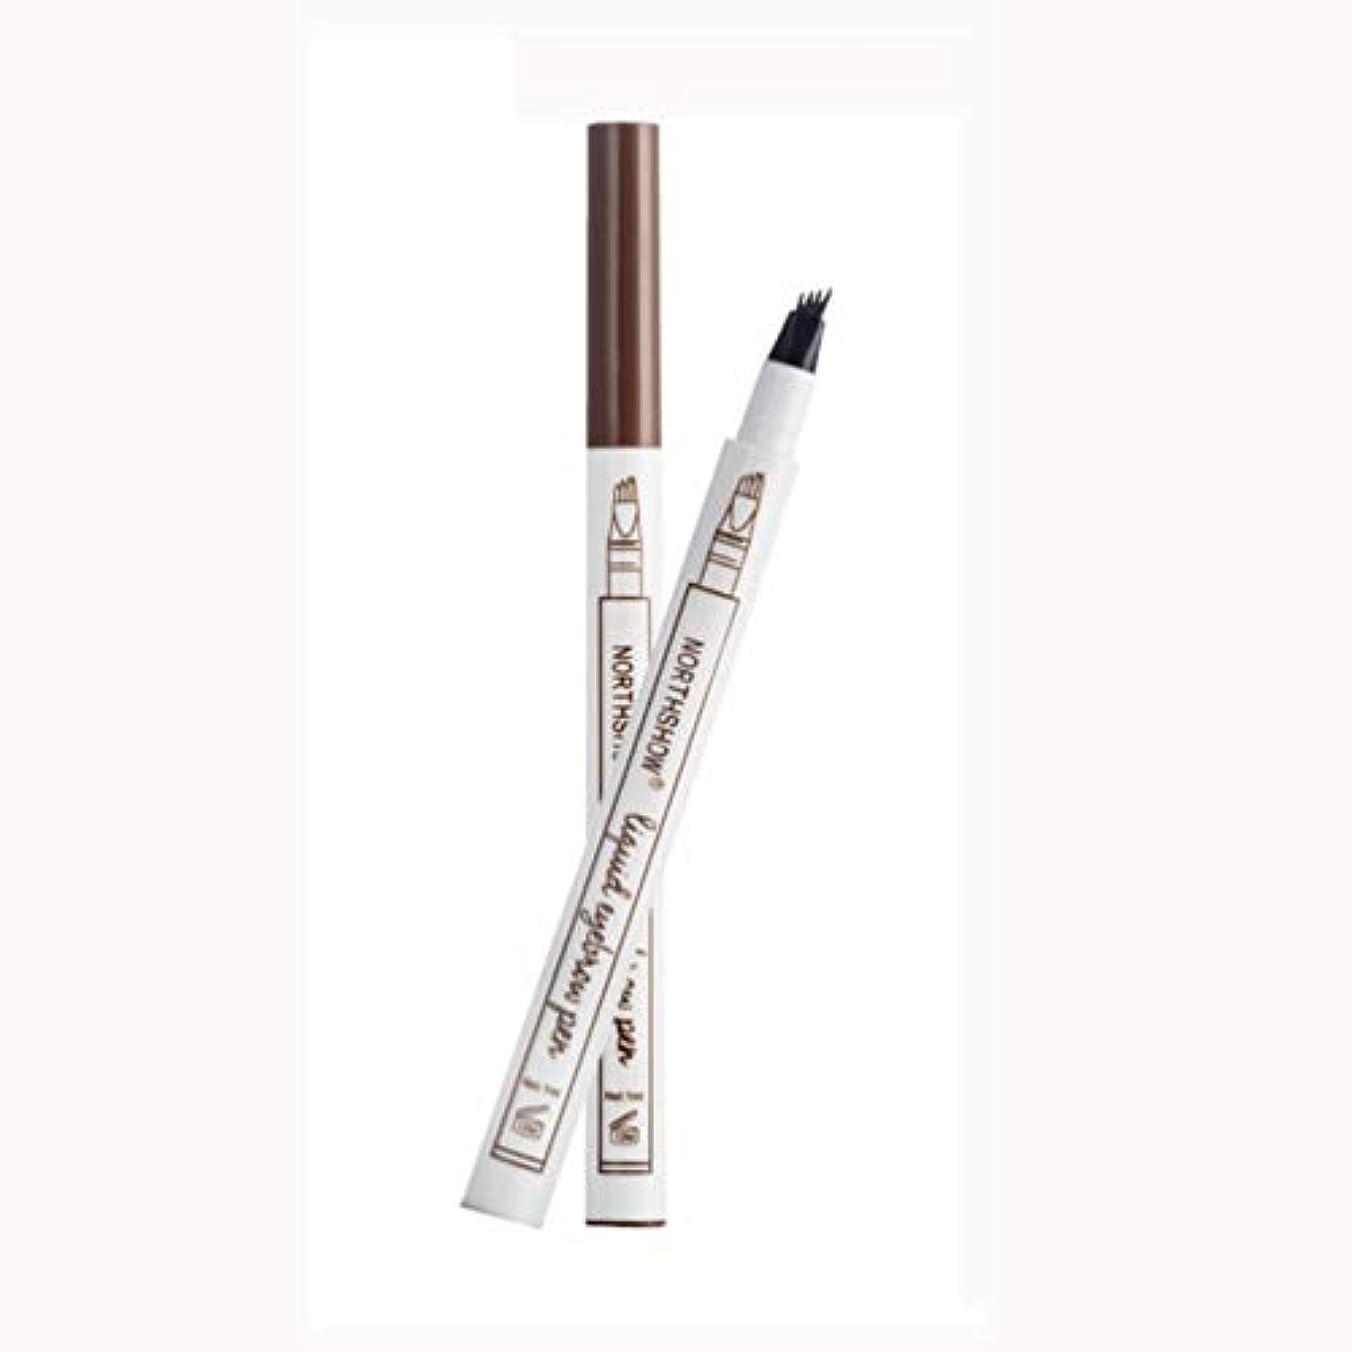 Onior タトゥーアイブロウペン4つのヒント - 防水フォークチップスケッチ化粧ペンマイクロブレードインクスケッチB丈夫で実用的